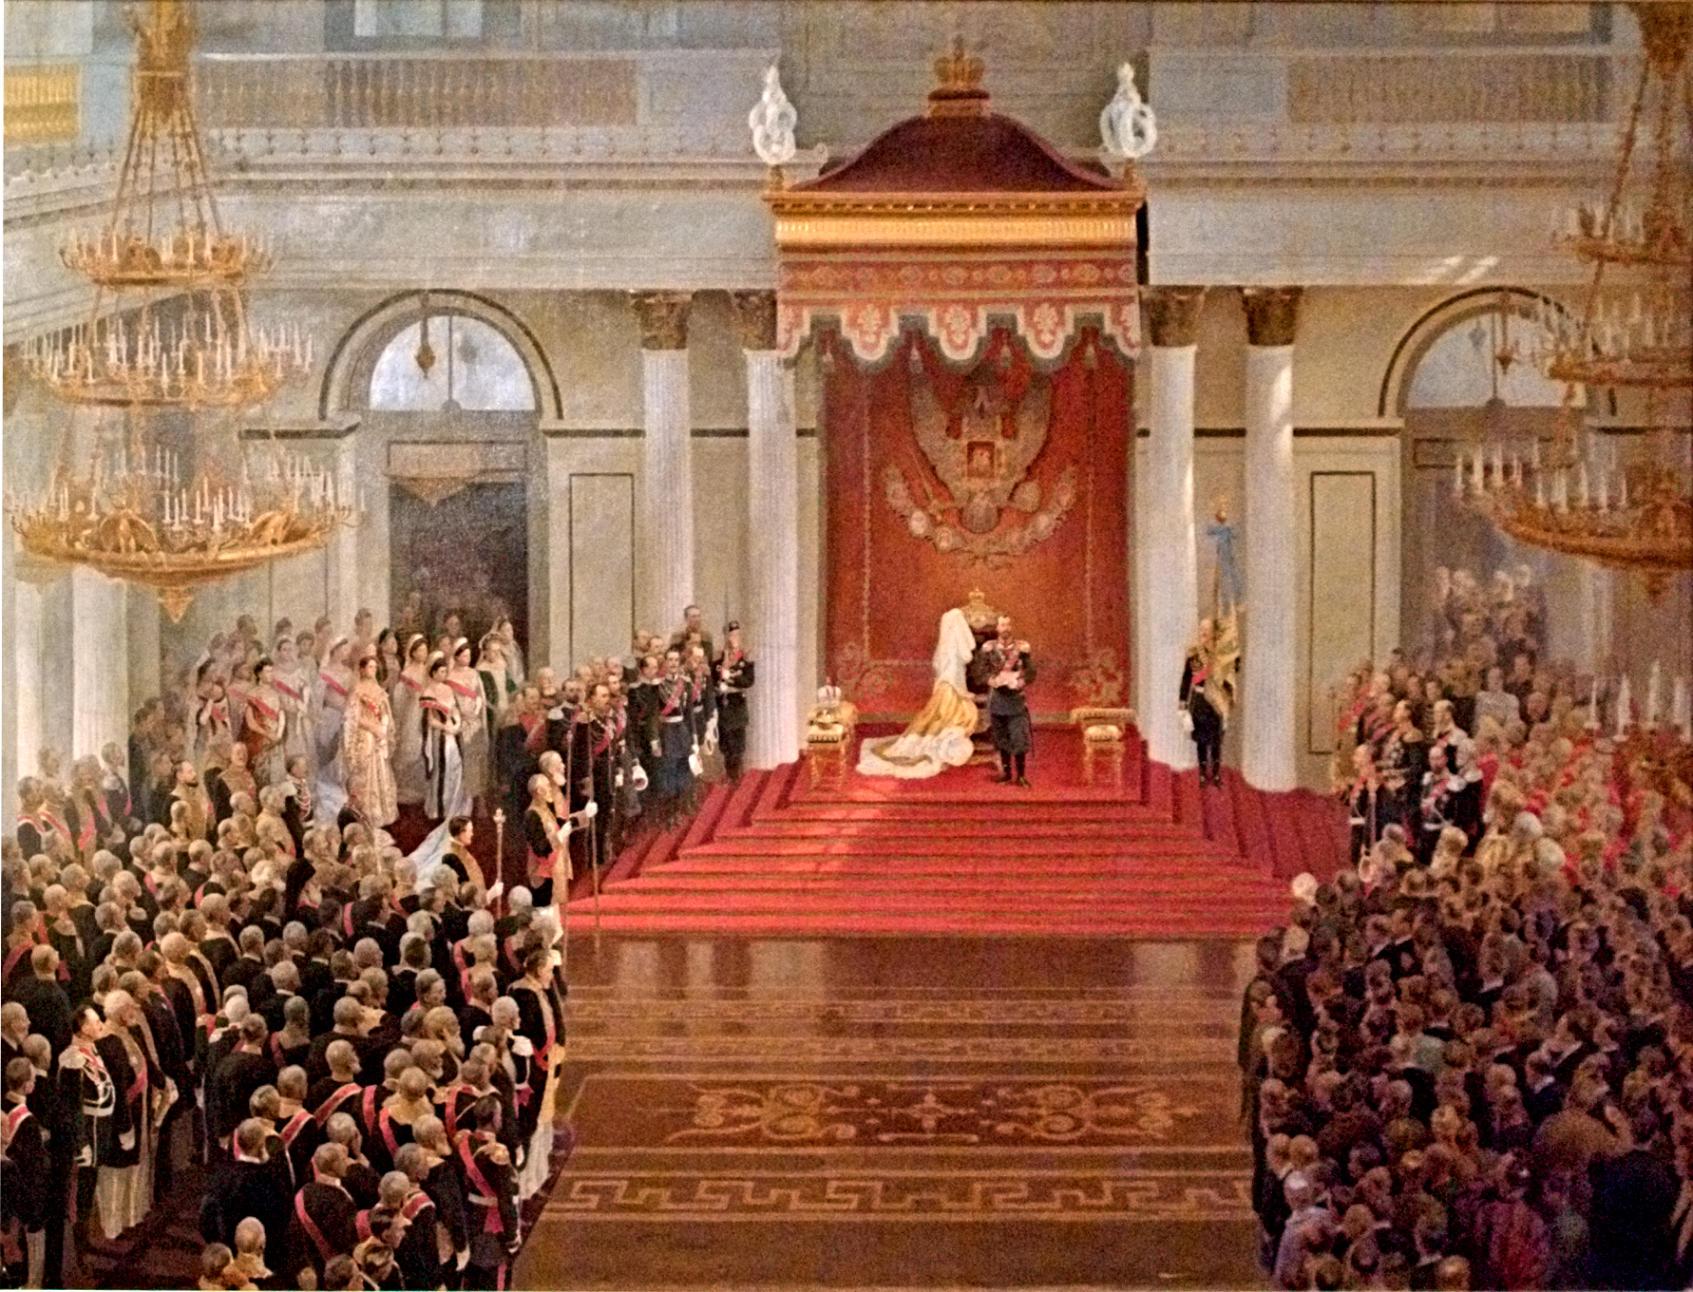 Поляков — Тронная речь Николая II во время открытия I государственной думы в Зимнем дворце